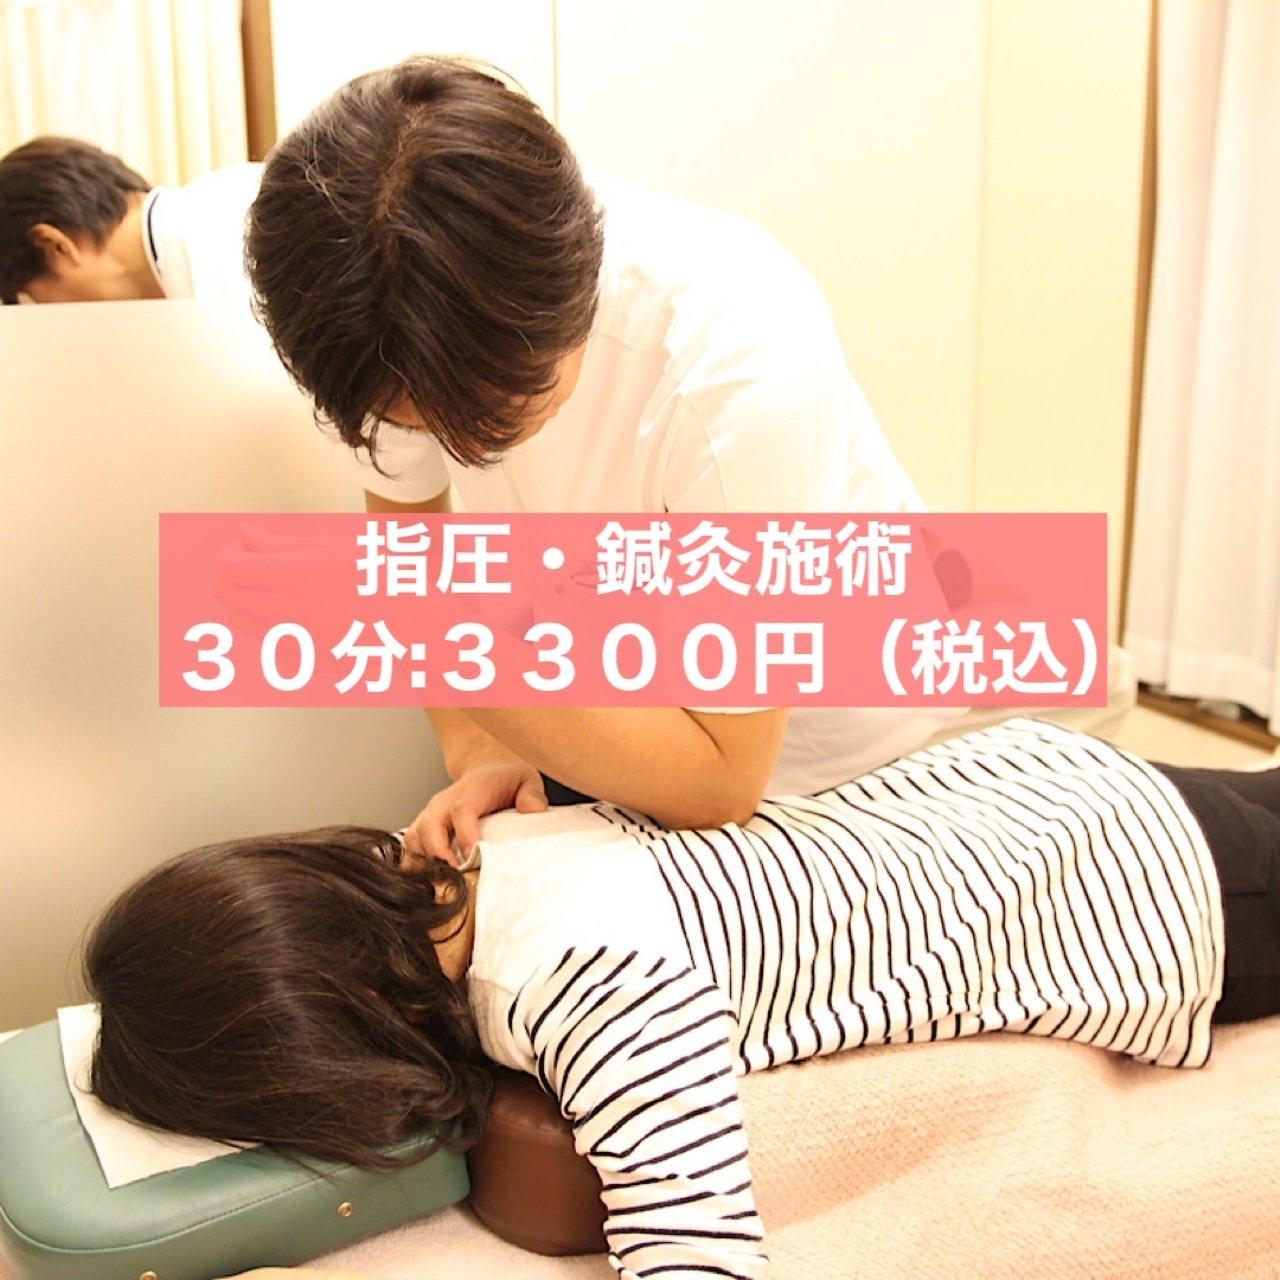 指圧・鍼灸施術料 30分 3300円〈税込〉のイメージその1